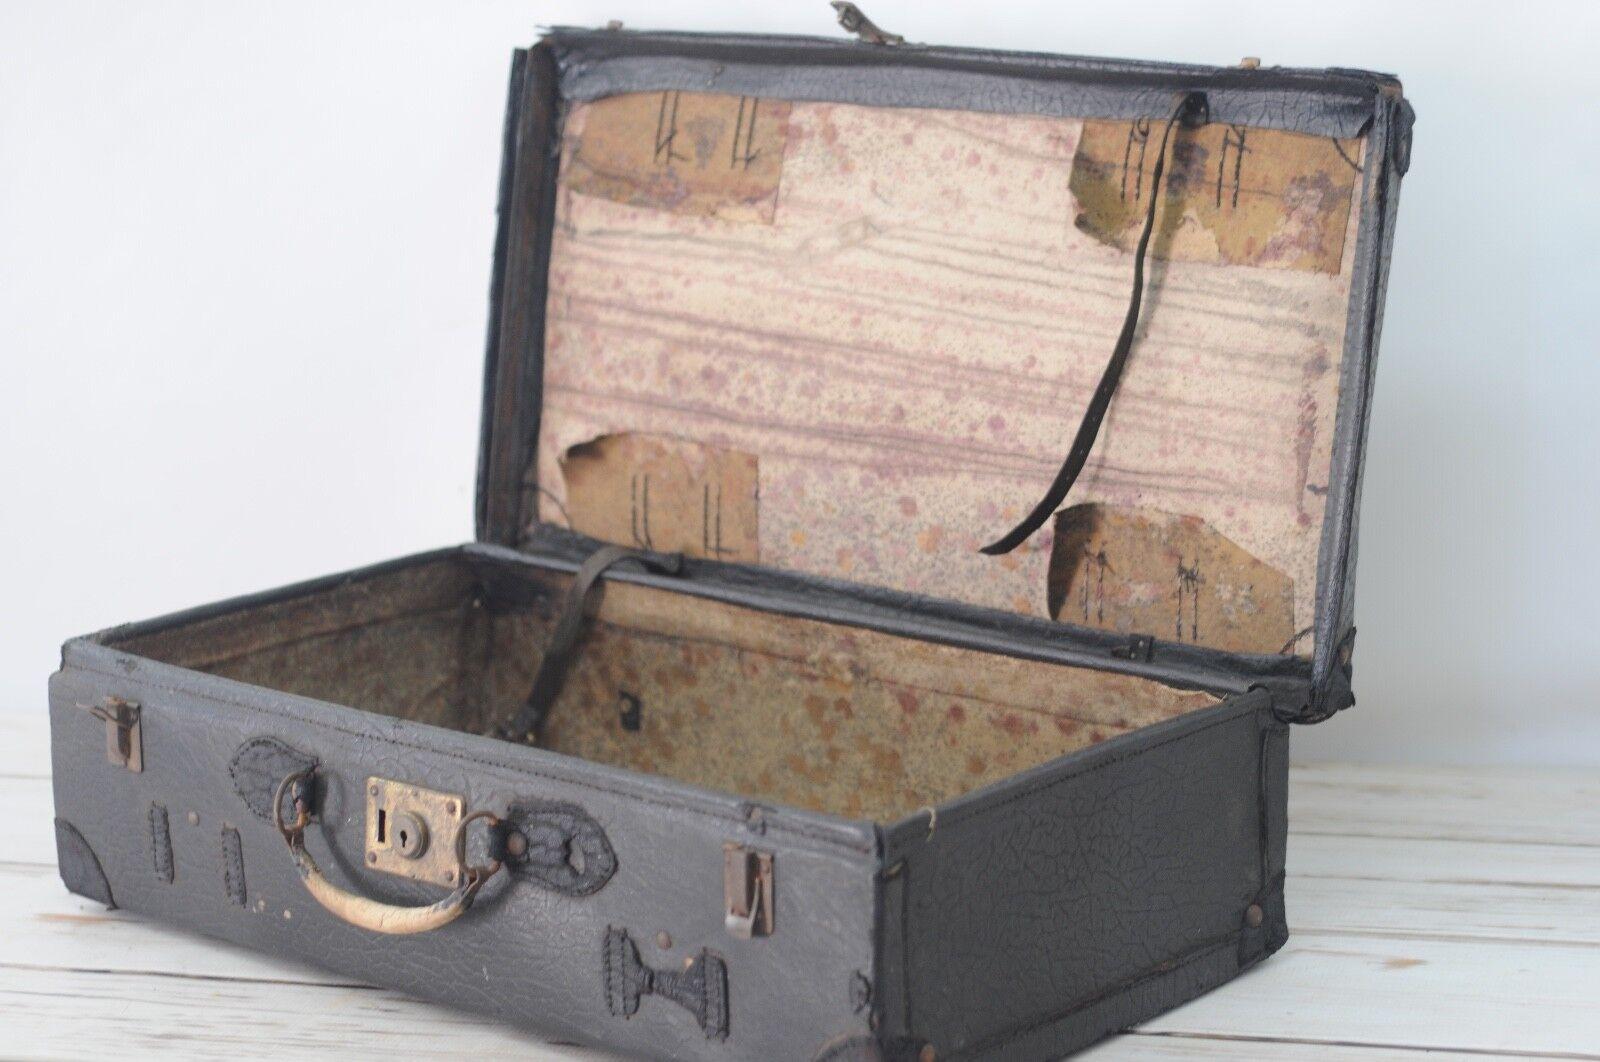 Antique/Vintage Black Leather Suitcase Luggage Roller Derby Case Roller Skates B